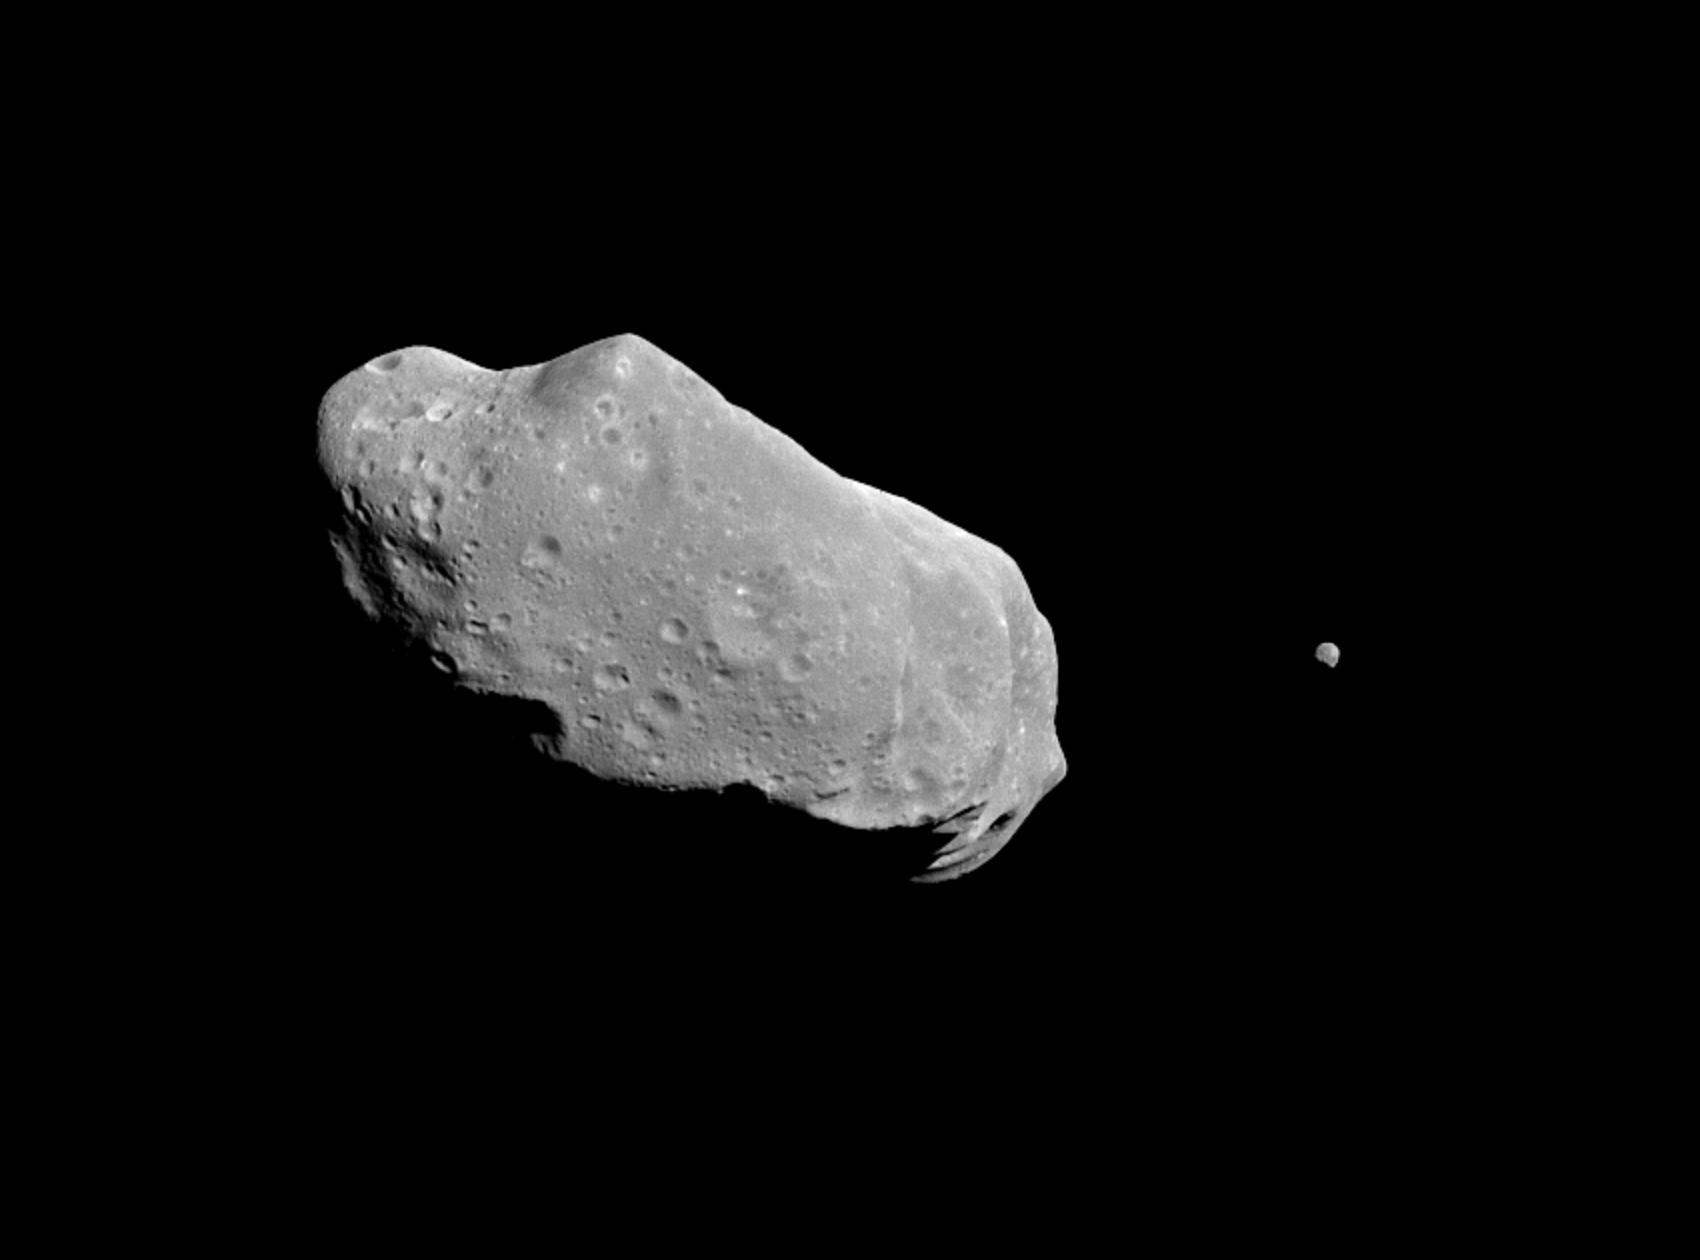 243 Ida, primeiro asteroide binário - com uma lua - descoberto.  (Foto: NASA/JPL)